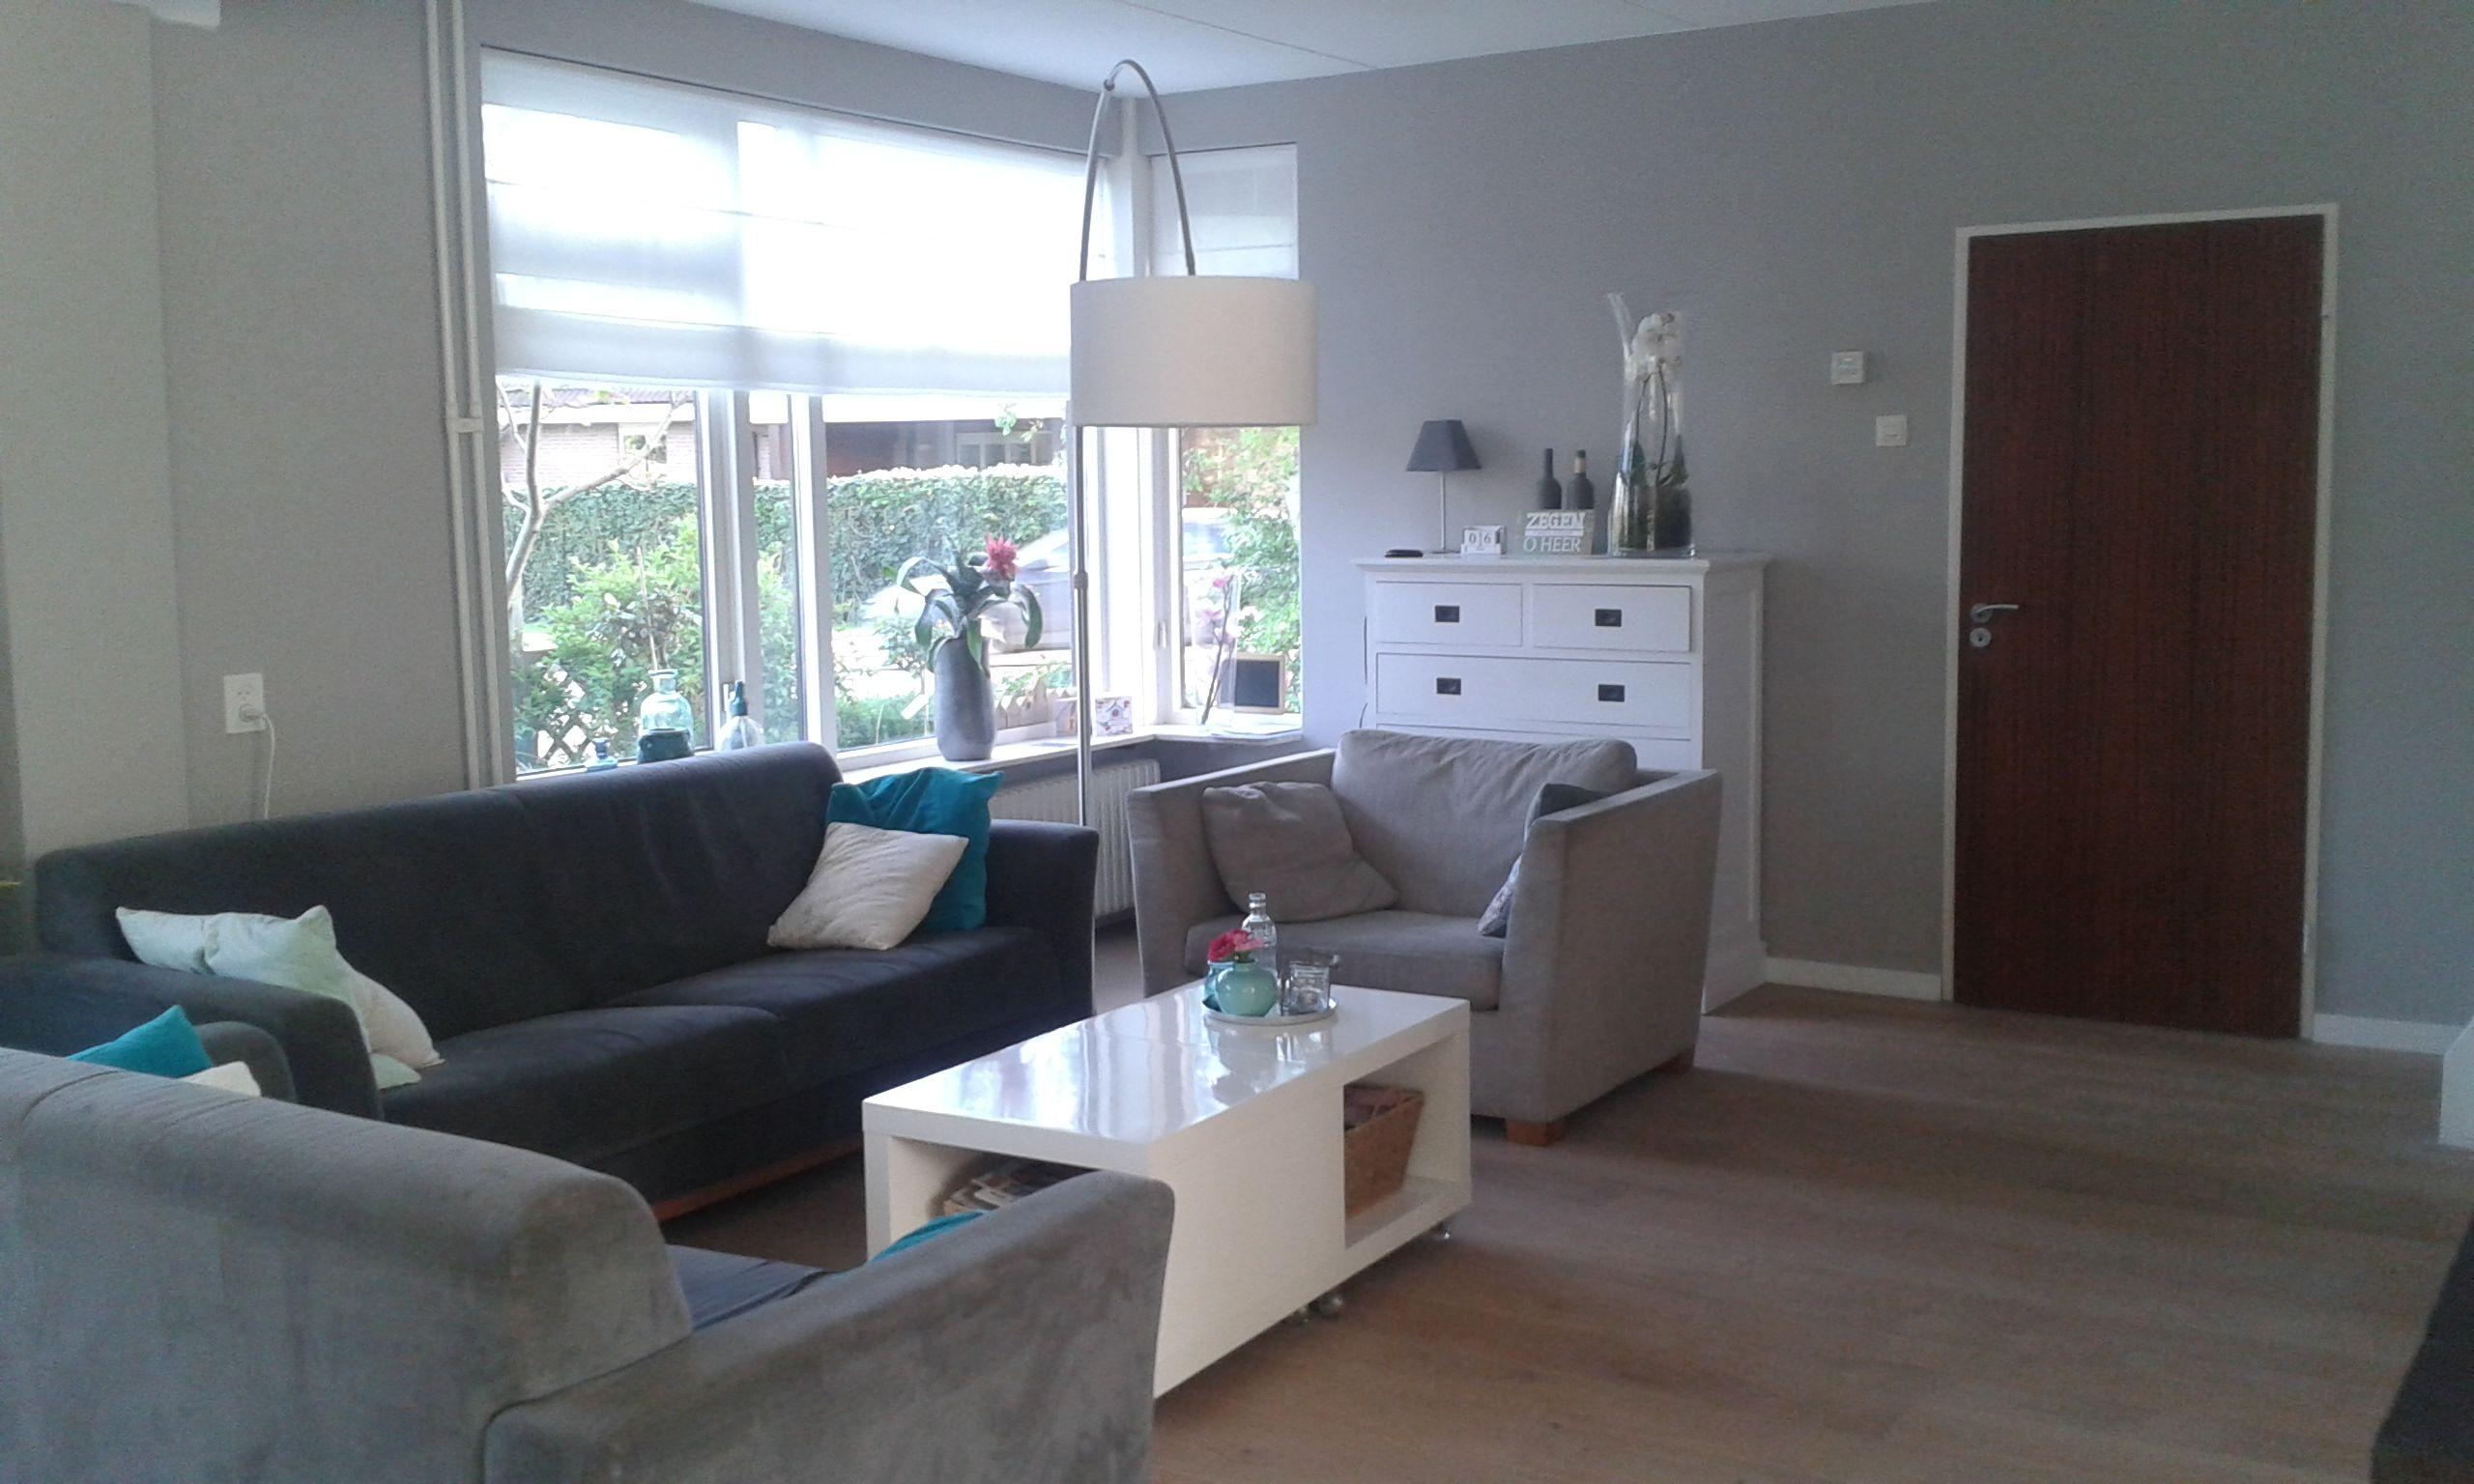 woonkamer met grijstaupekleurig behang geworden taupe